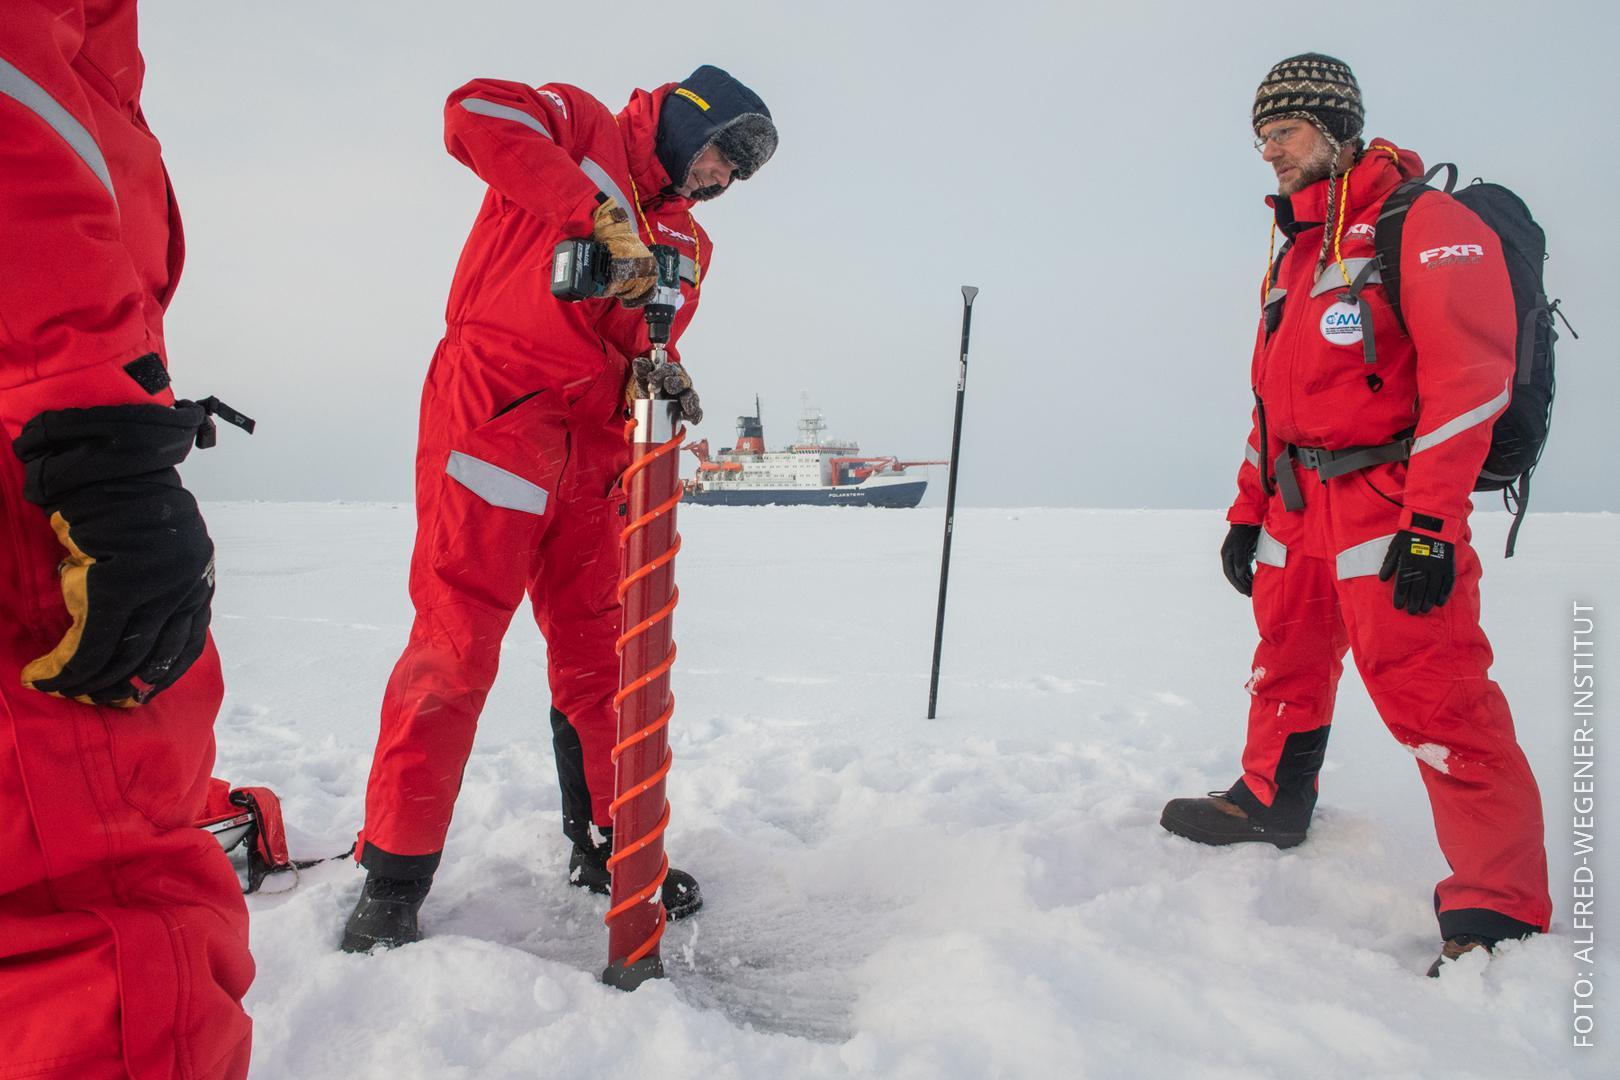 Forscher stehen auf Eisscholle und bohren hinein